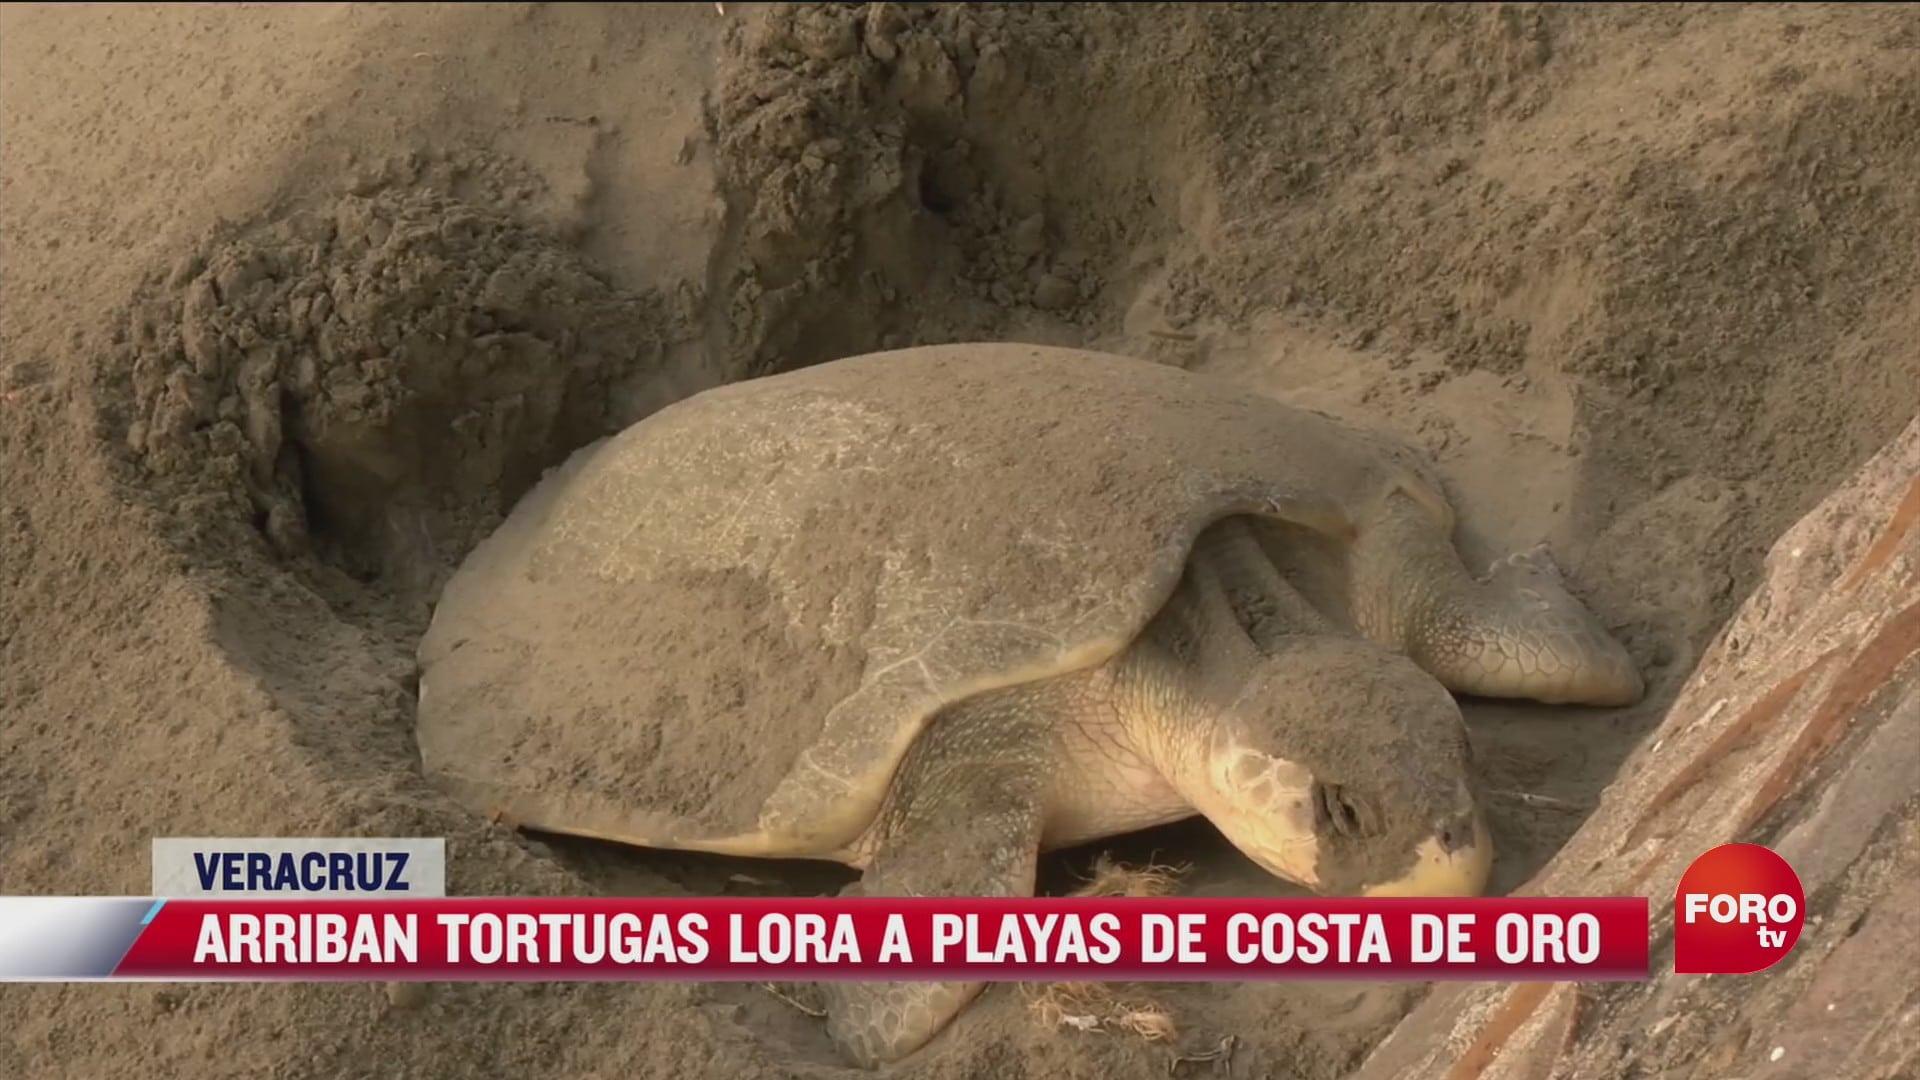 arriban tortugas lora a playas de costa de oro en veracruz